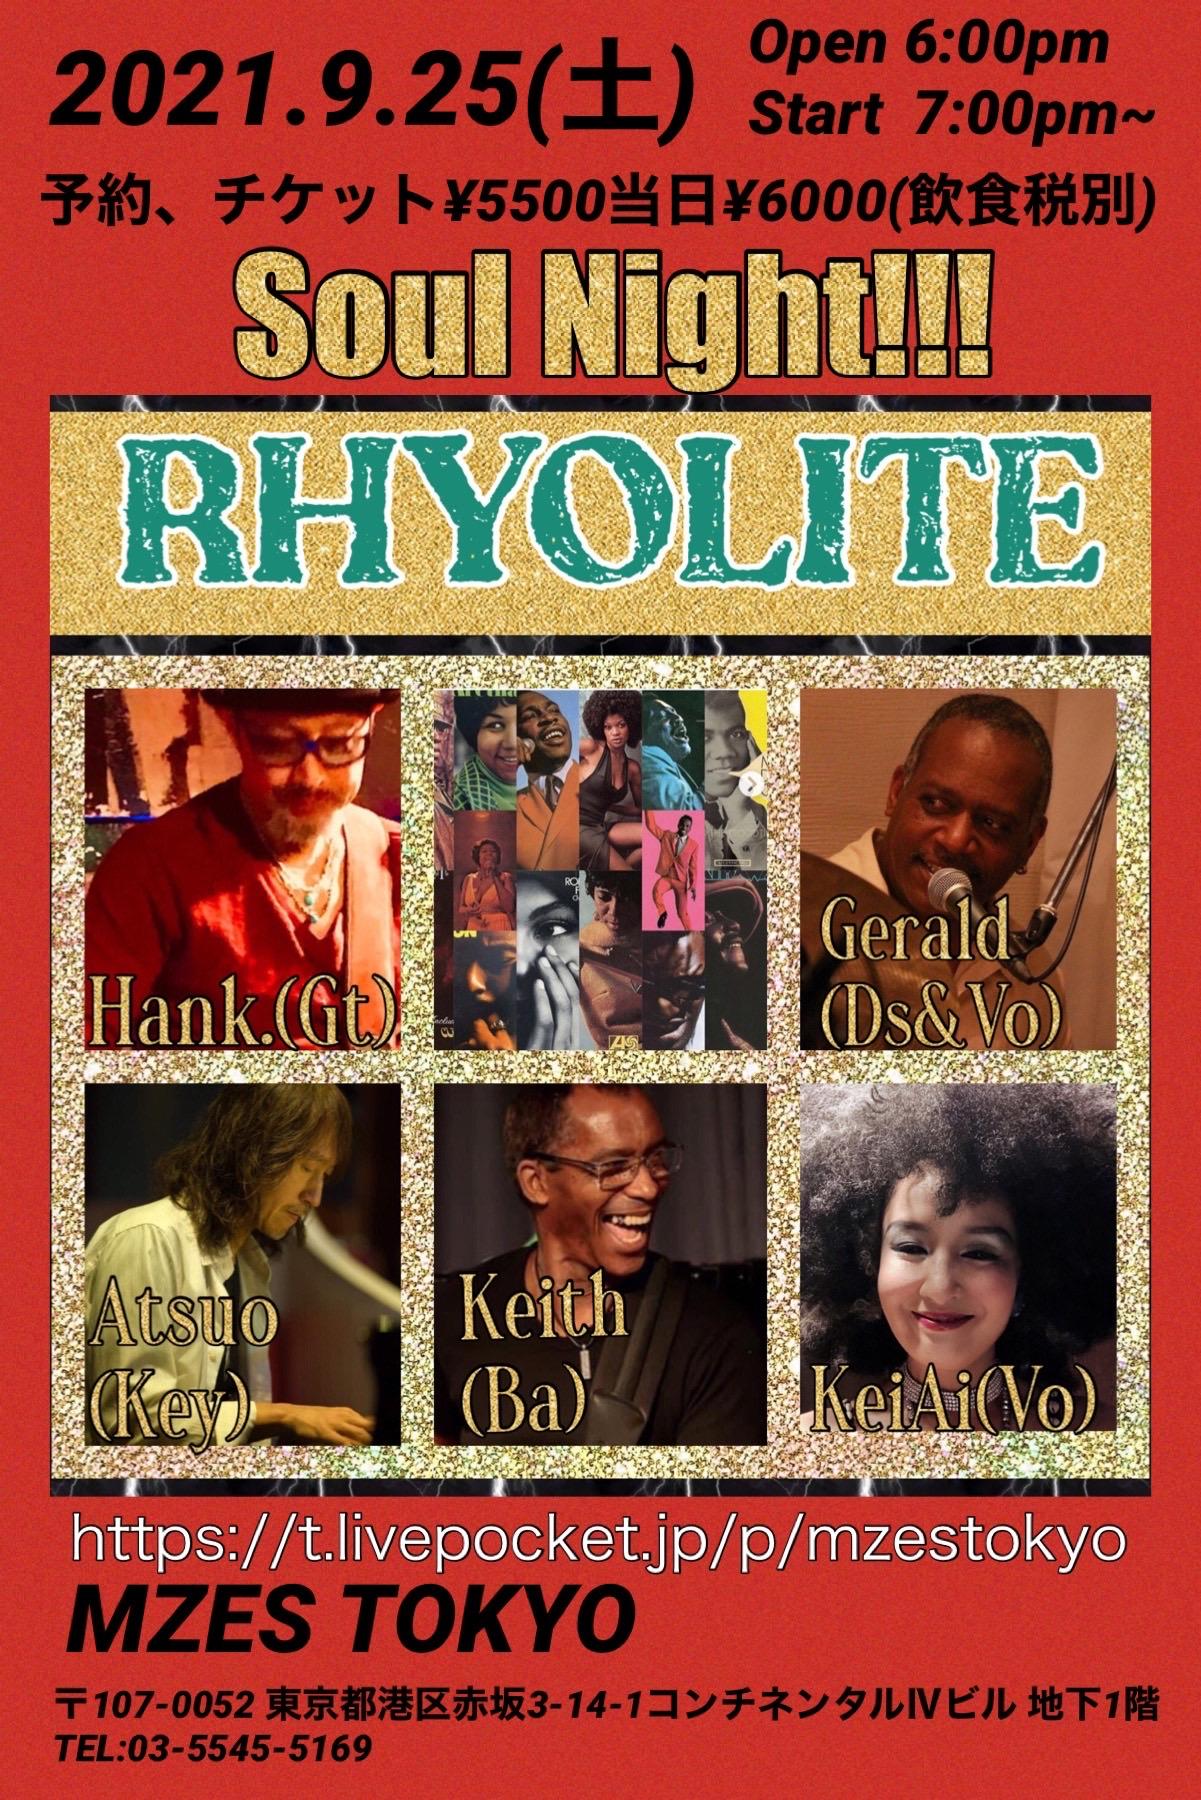 Soul Night !!! RHYOLITE